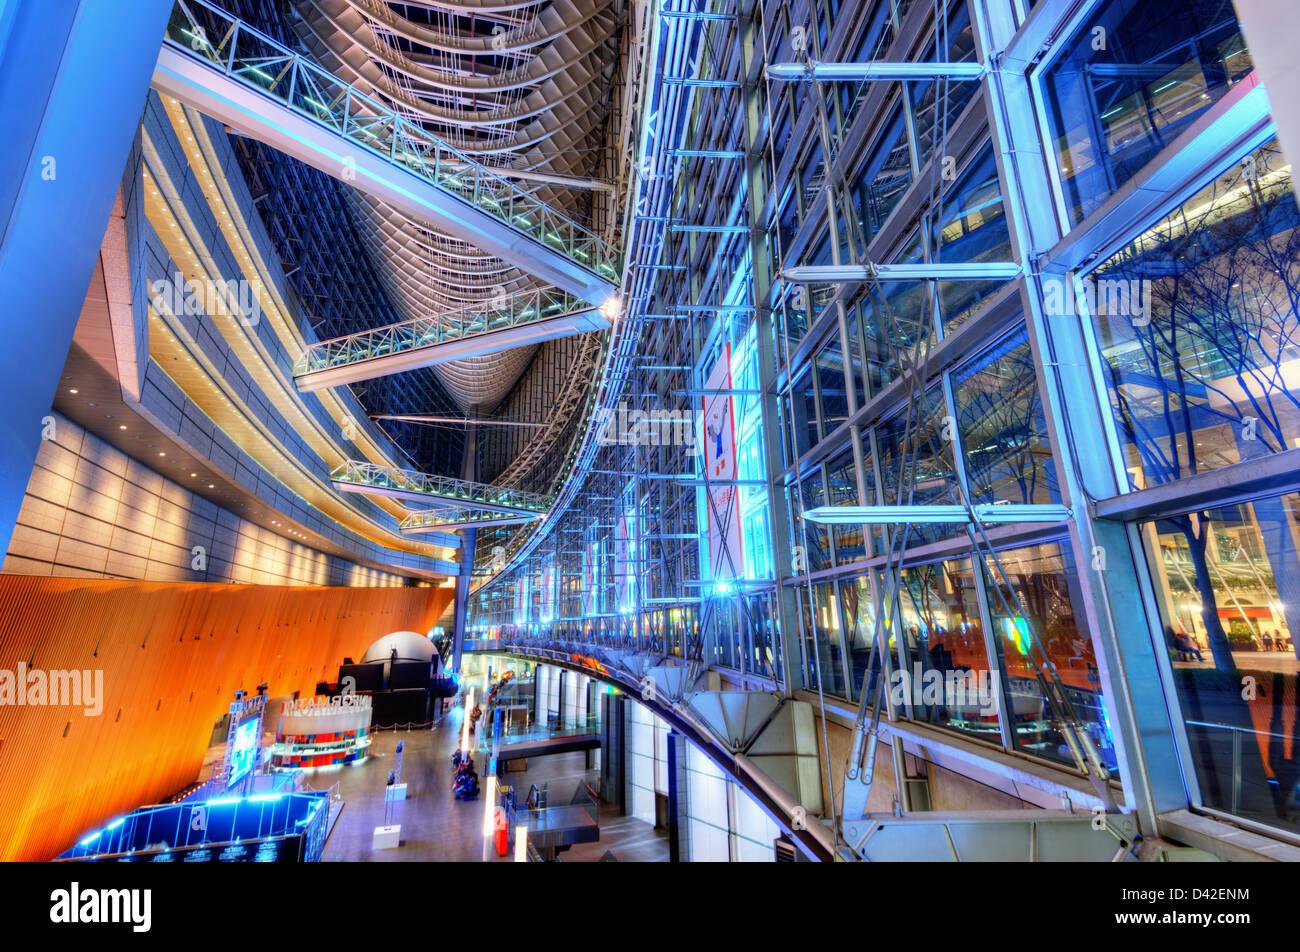 Internationales Forum in der Ginza Bezirk von Tokio, Japan. Stockbild